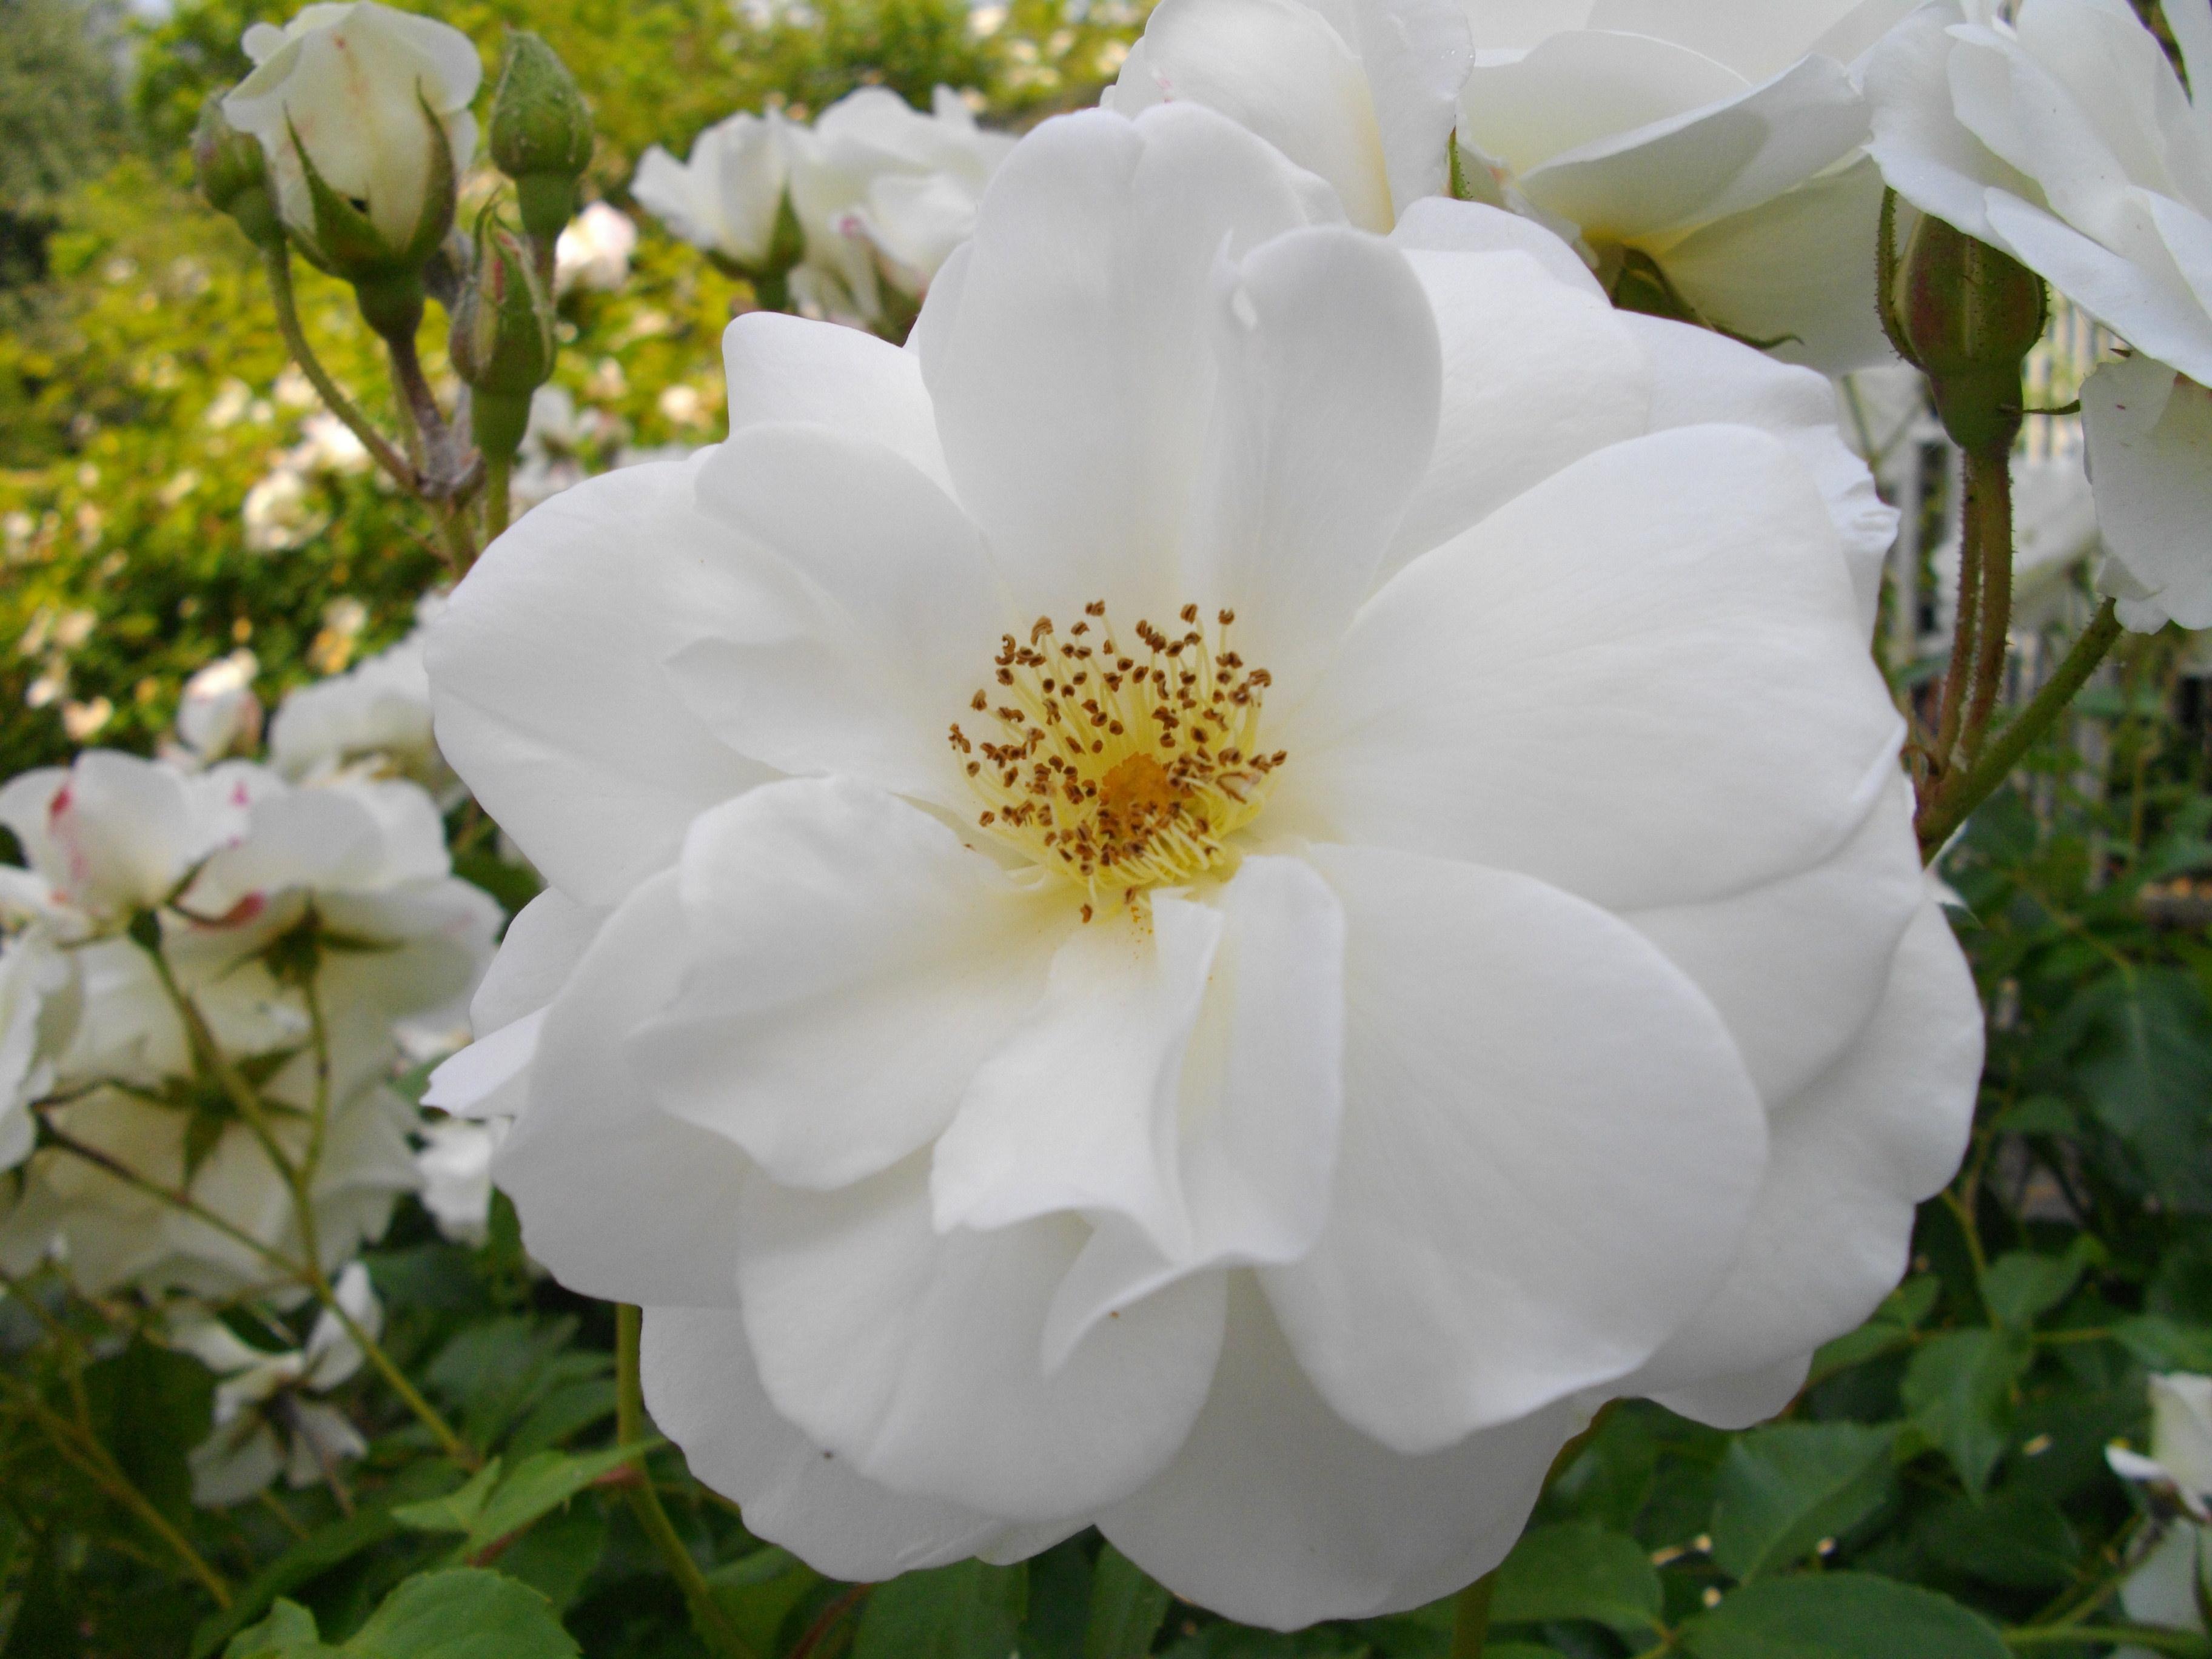 File:Fleur blanche.jpg - Wikimedia Commons